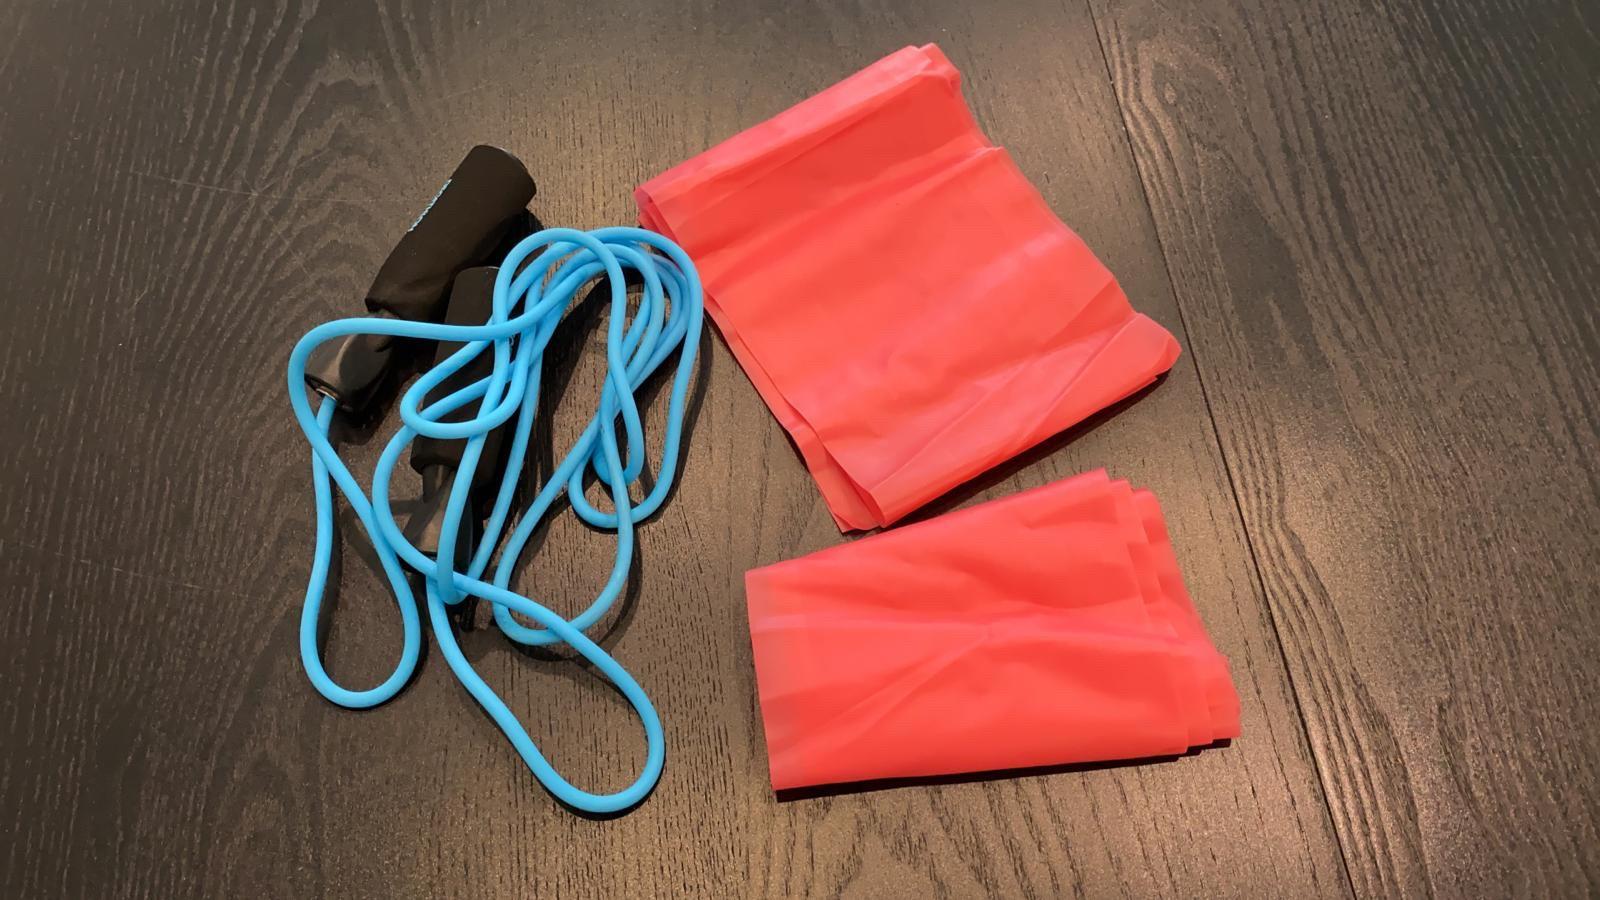 ▲彈力繩、小型滾輪以及按摩槍,是潘若迪會隨身攜帶的運動小物。